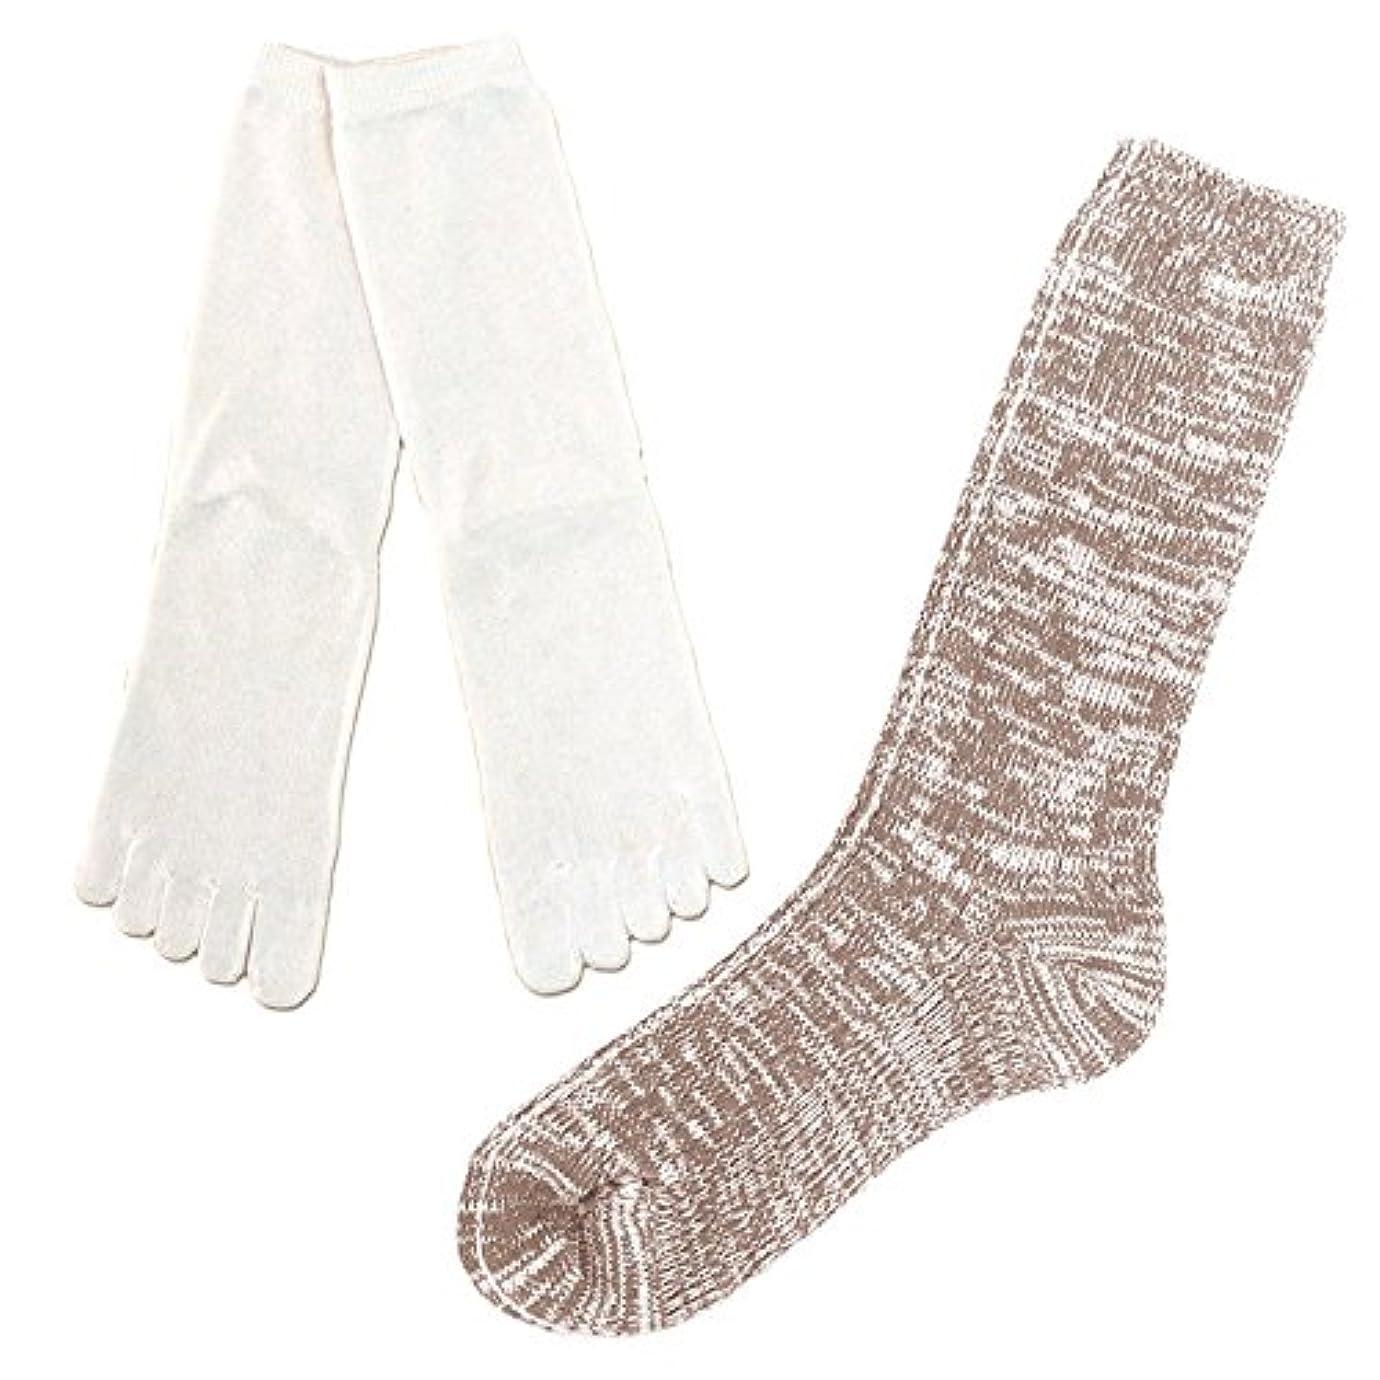 乱用うがい下手シルク 5本指 & コットン リブ ソックス 冷えとり 2足セット 重ね履き 靴下 日本製 23-25cm (ベージュ杢)